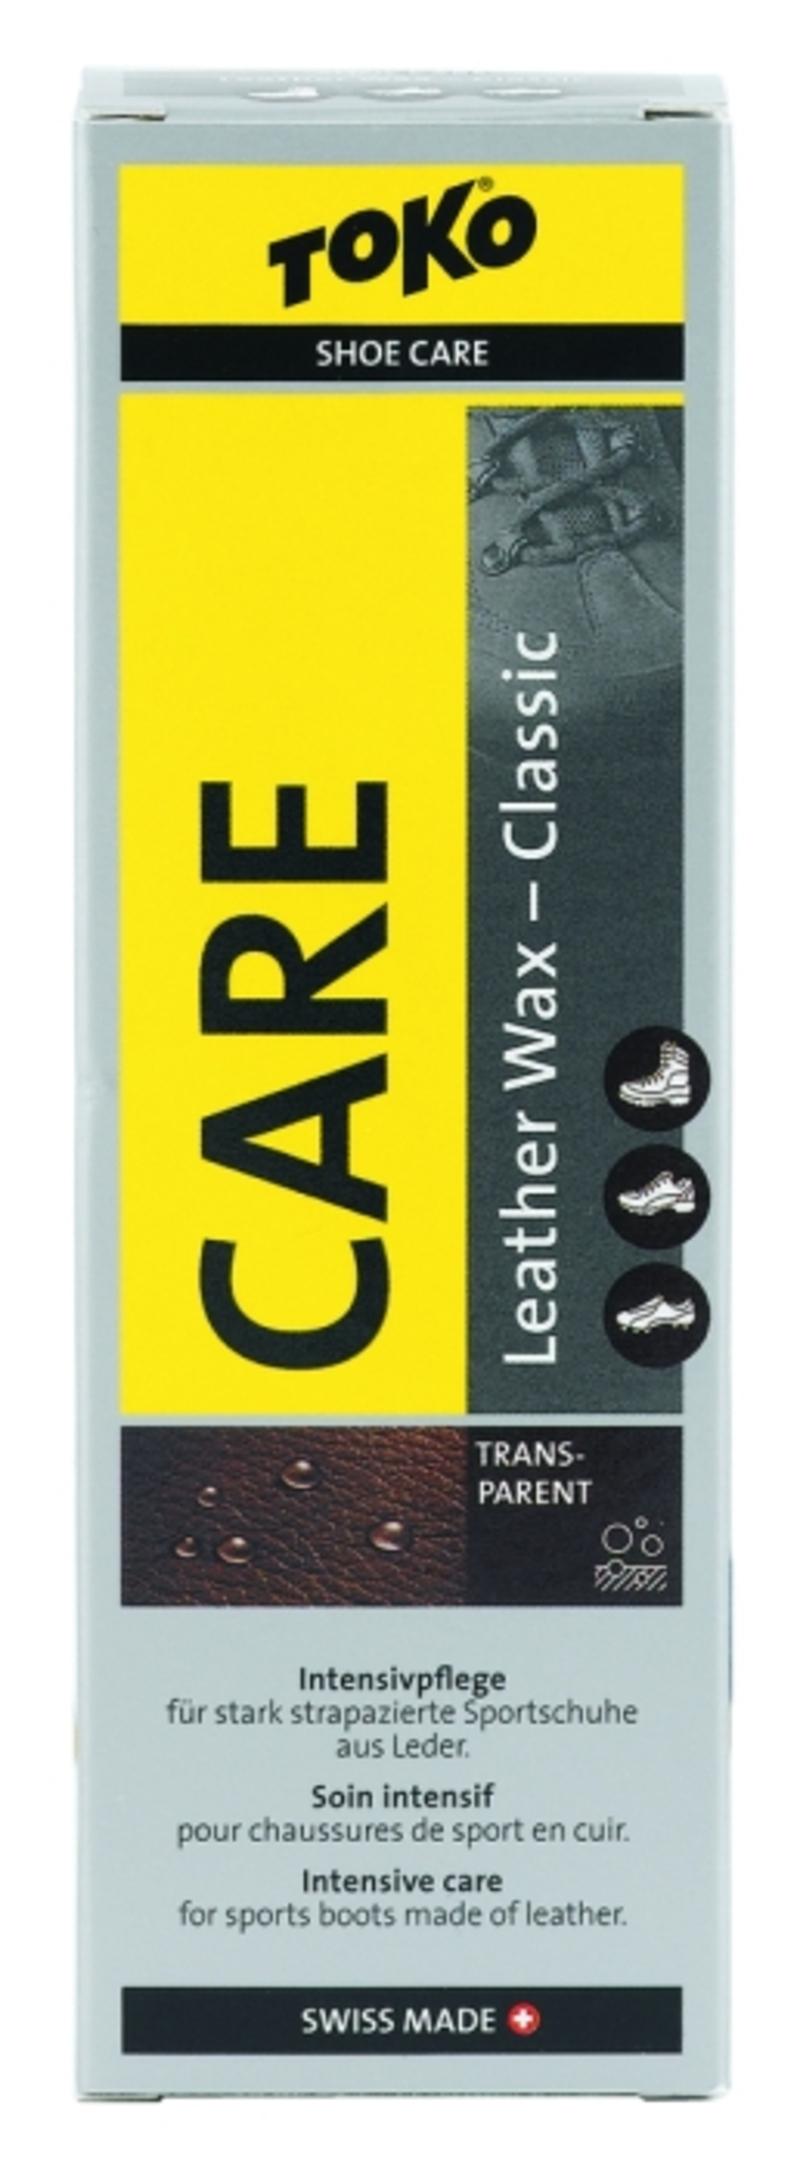 Toko LEATHER WAX TRANSPARENT BEESWAX 75ml Care Line prostředek k ošetření kožené obuvi